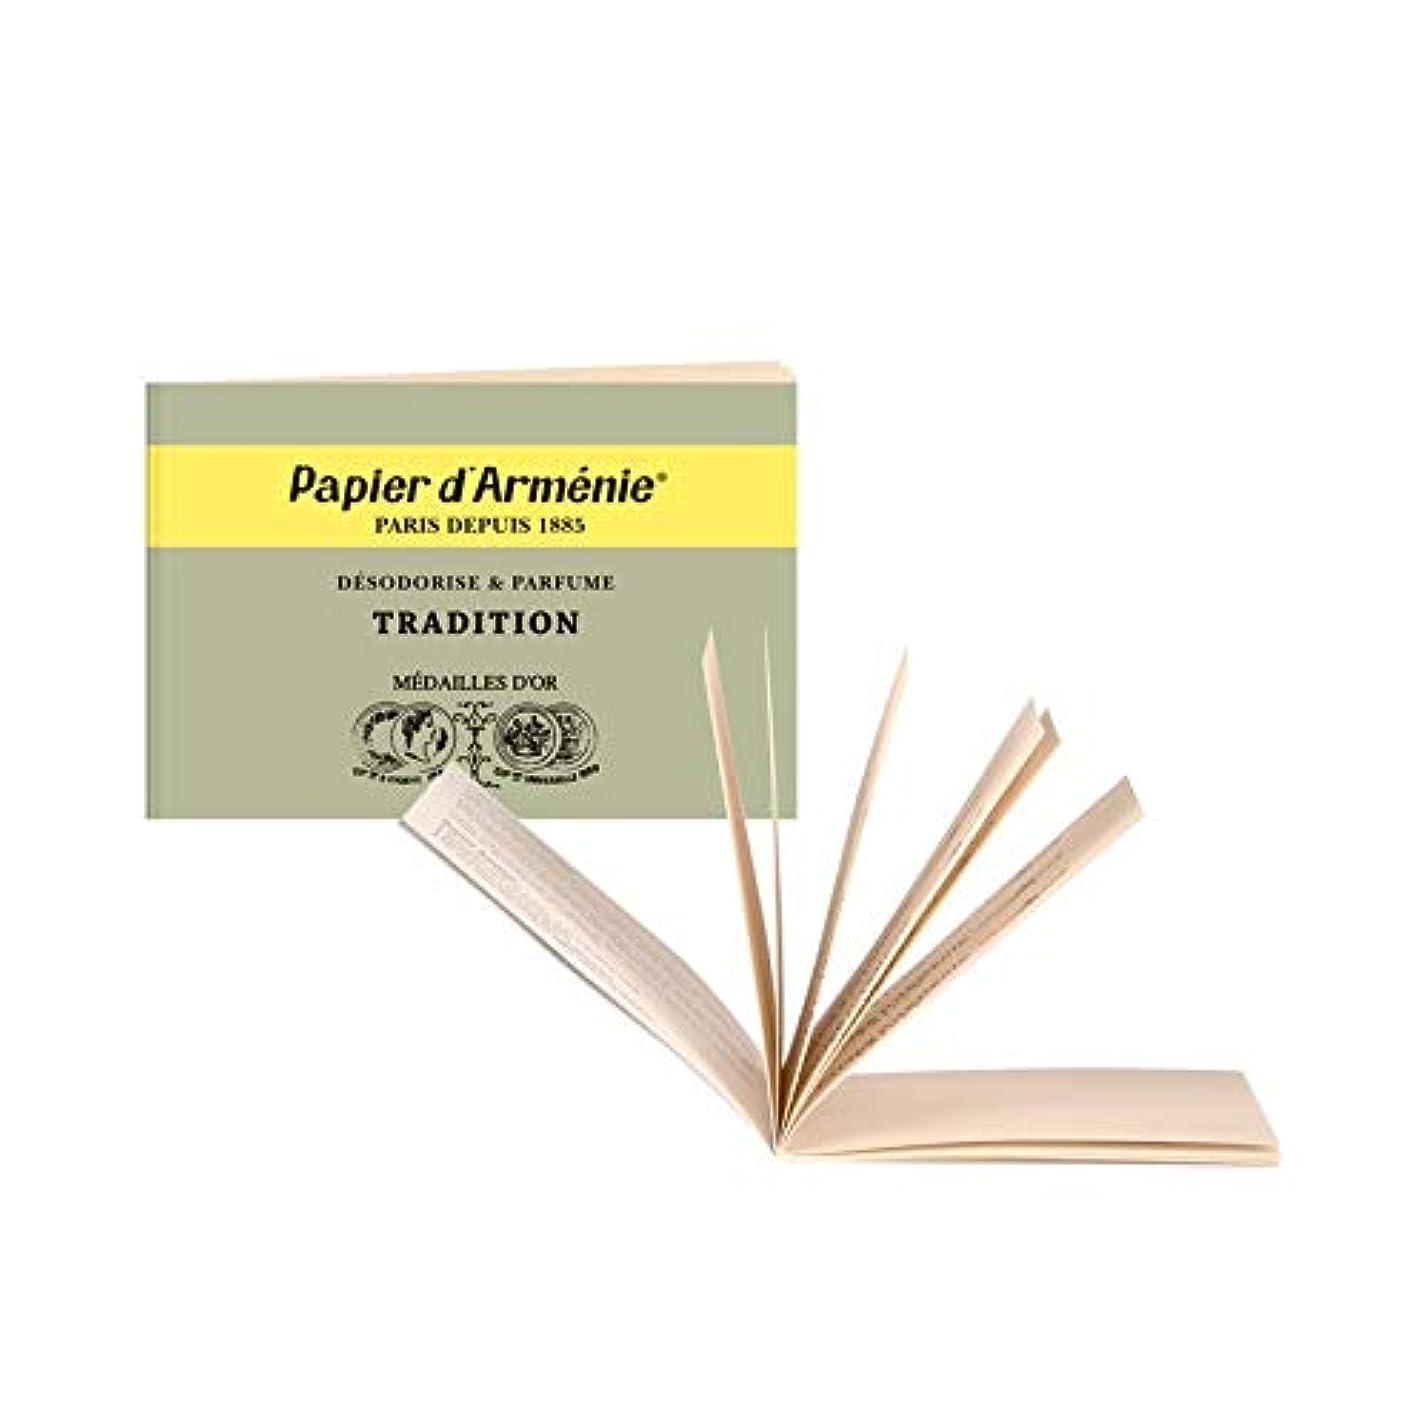 宙返り寄付バーターPapier d'Arménie パピエダルメニイ トリプル 紙のお香 フランス直送 [並行輸入品]